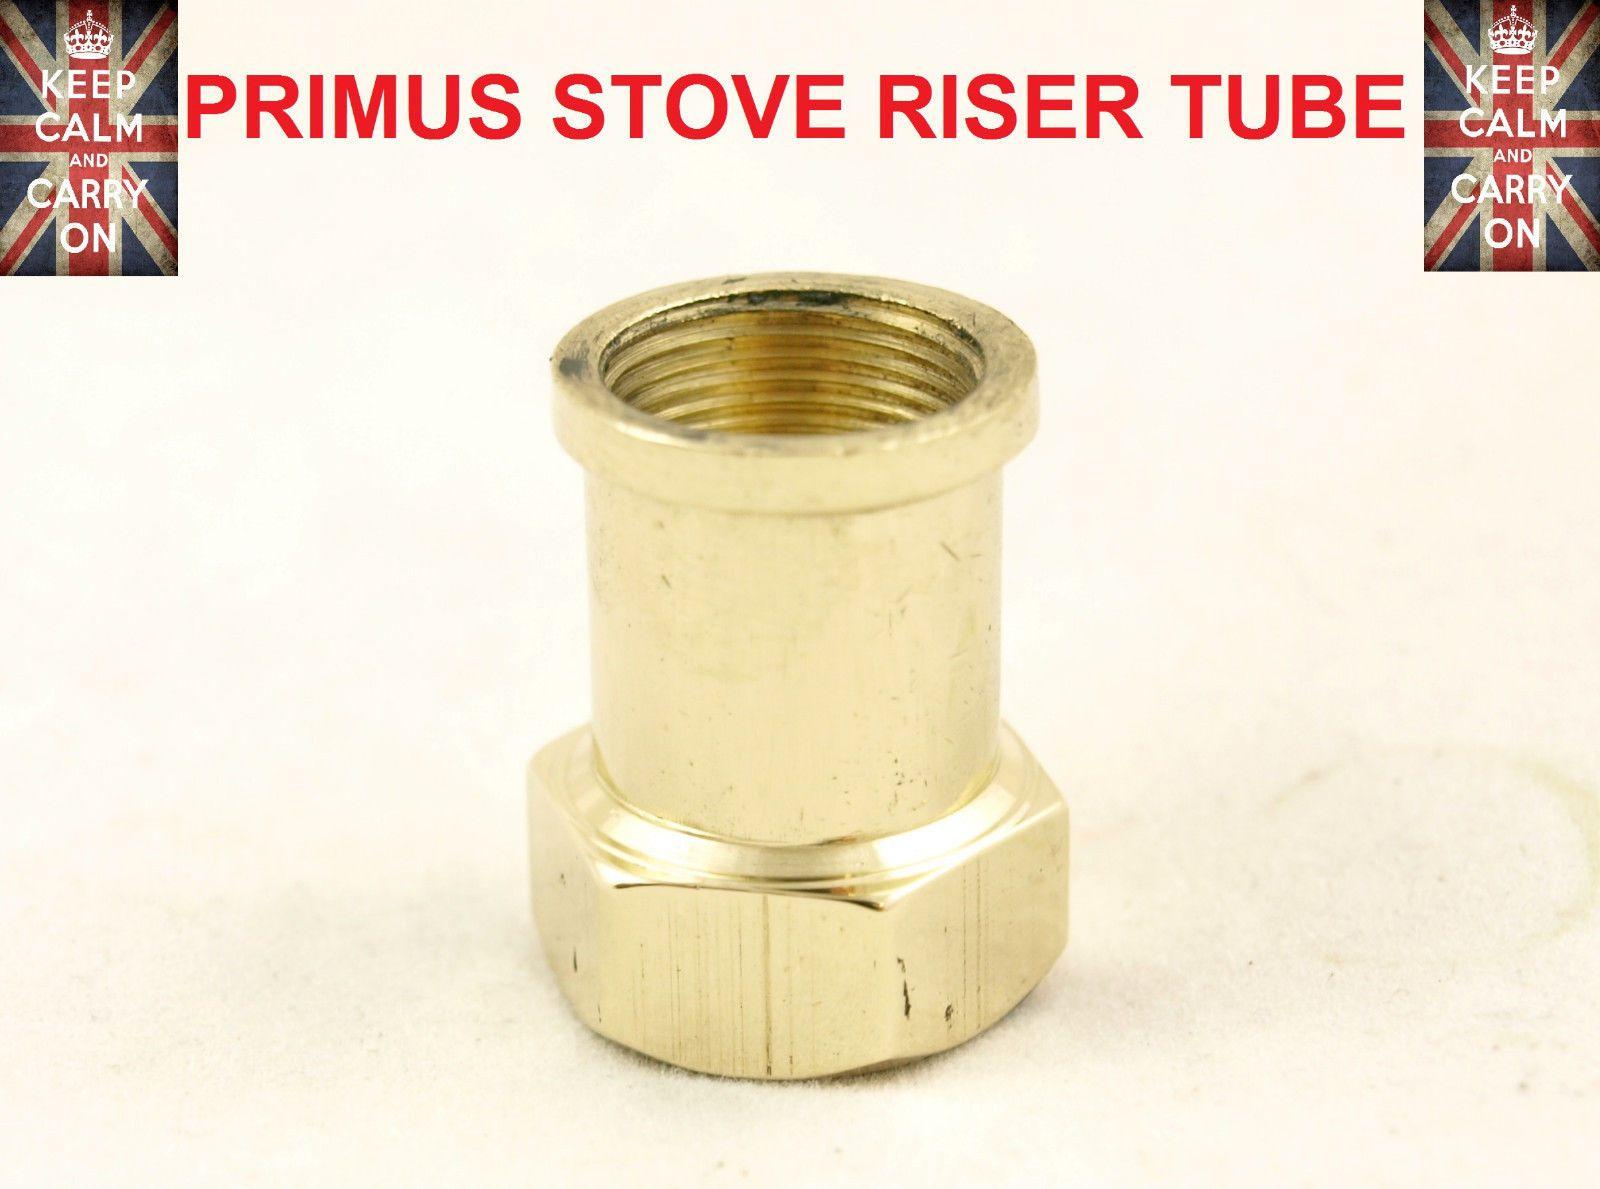 Primus Stove Riser Tube Parts Optimus Stove Kerosene Stove Paraffin Stove Spares Primus Stove Kerosene Paraffin